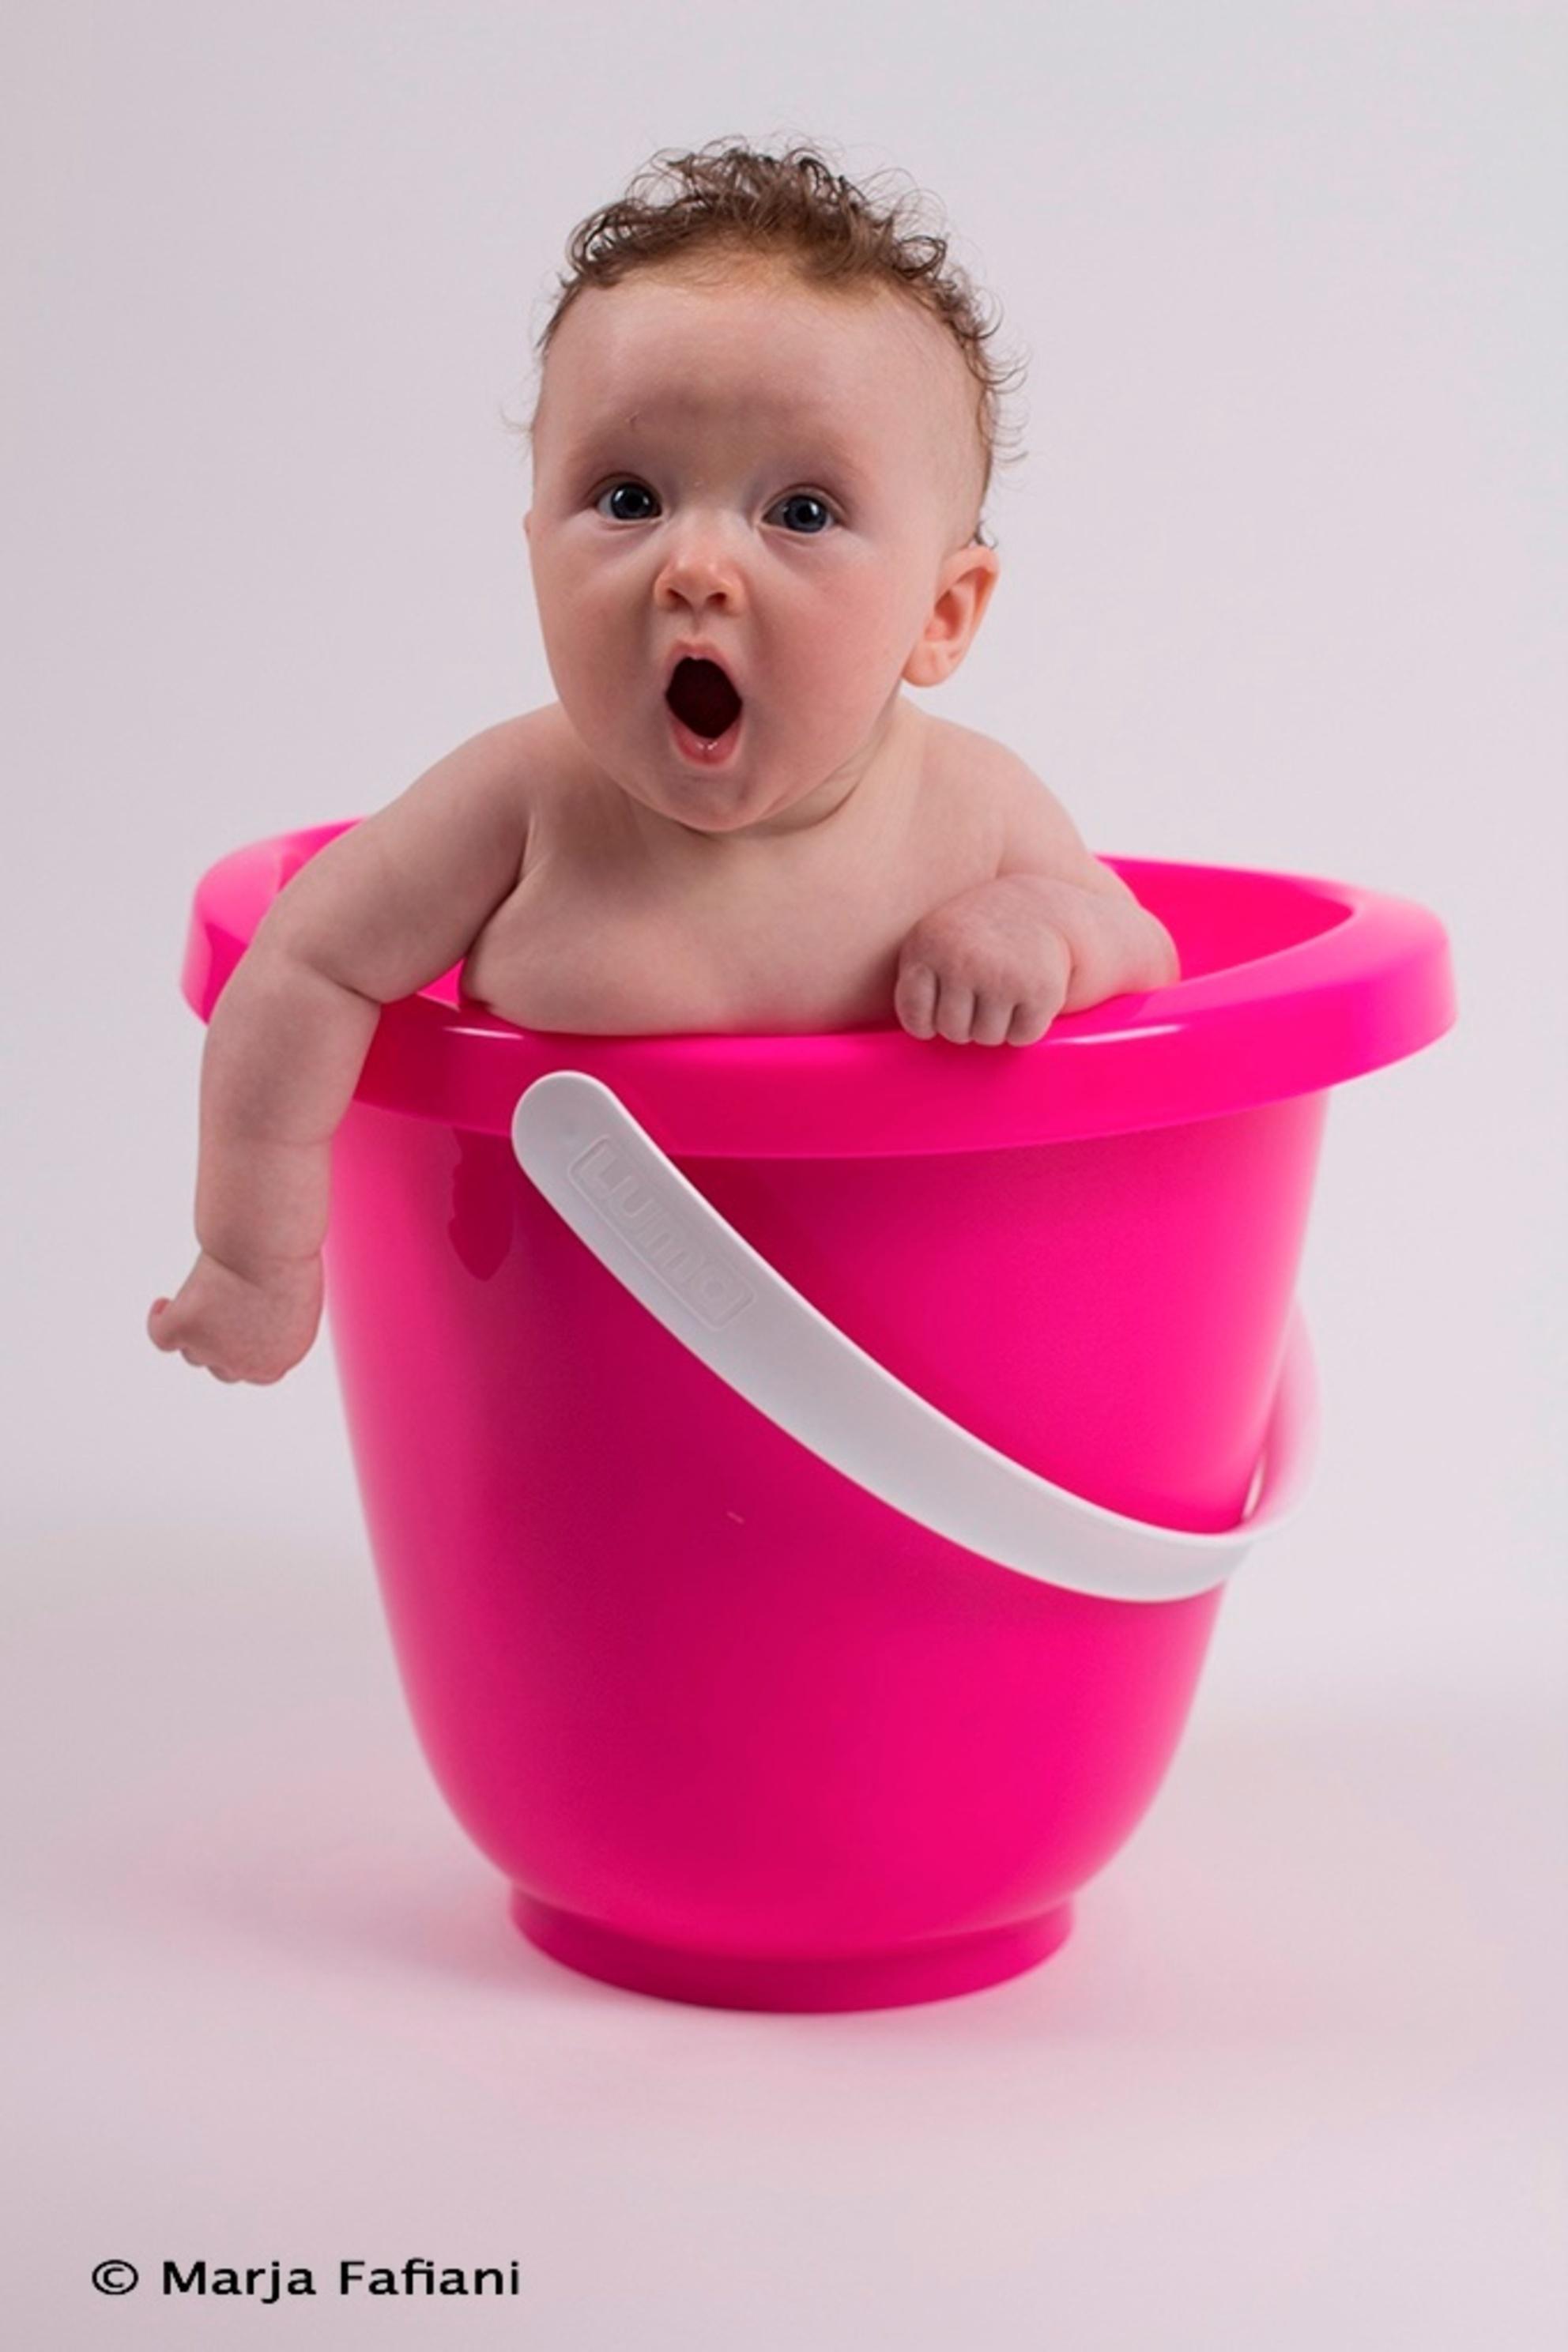 What no bad! - Mijn eerste baby shot met een meisje van 3 mnd oud. Heel erg leuk om te doen. - foto door fama01 op 24-10-2013 - deze foto bevat: roze, emmer, Baby. - Deze foto mag gebruikt worden in een Zoom.nl publicatie